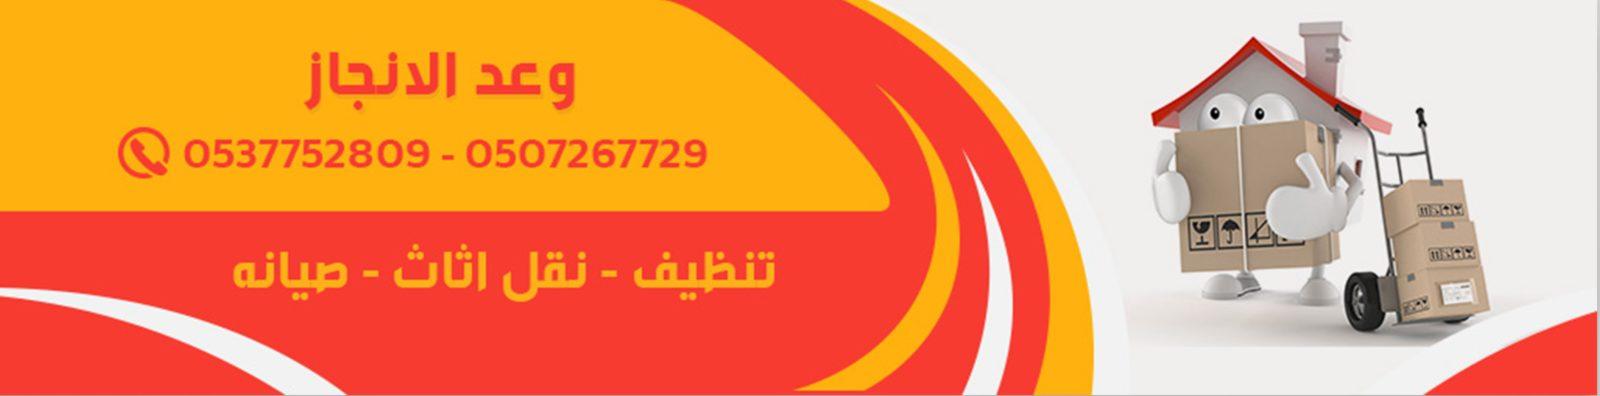 0507267729 – 0537752809 وعد الانجاز